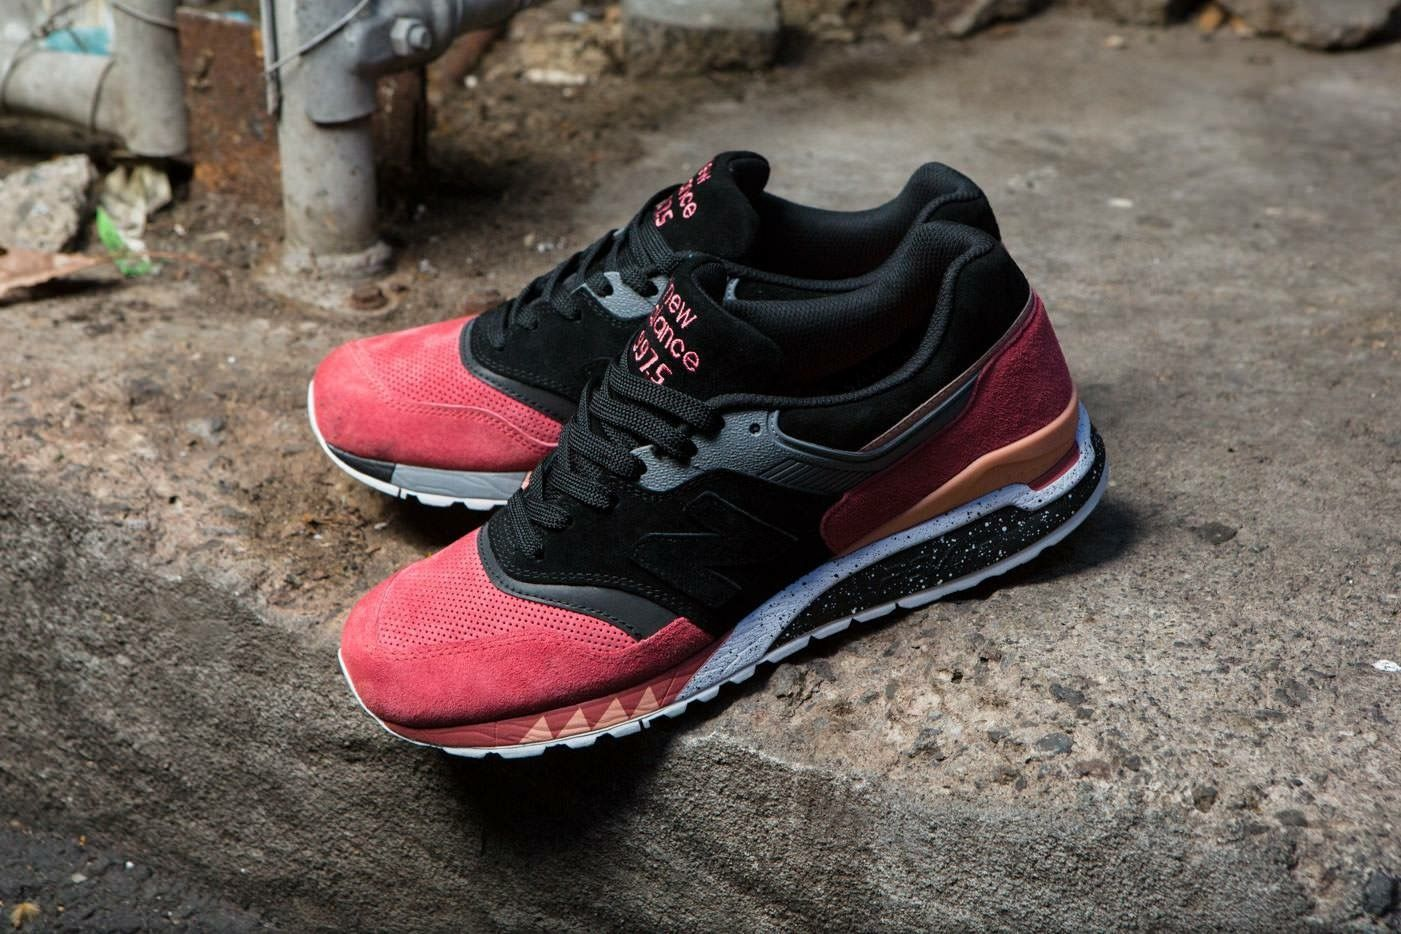 ... 6889193 Sneaker Freaker x New Balance 997.5 Tassie Tiger 8c466fb9 ... f3fa7ad206cde